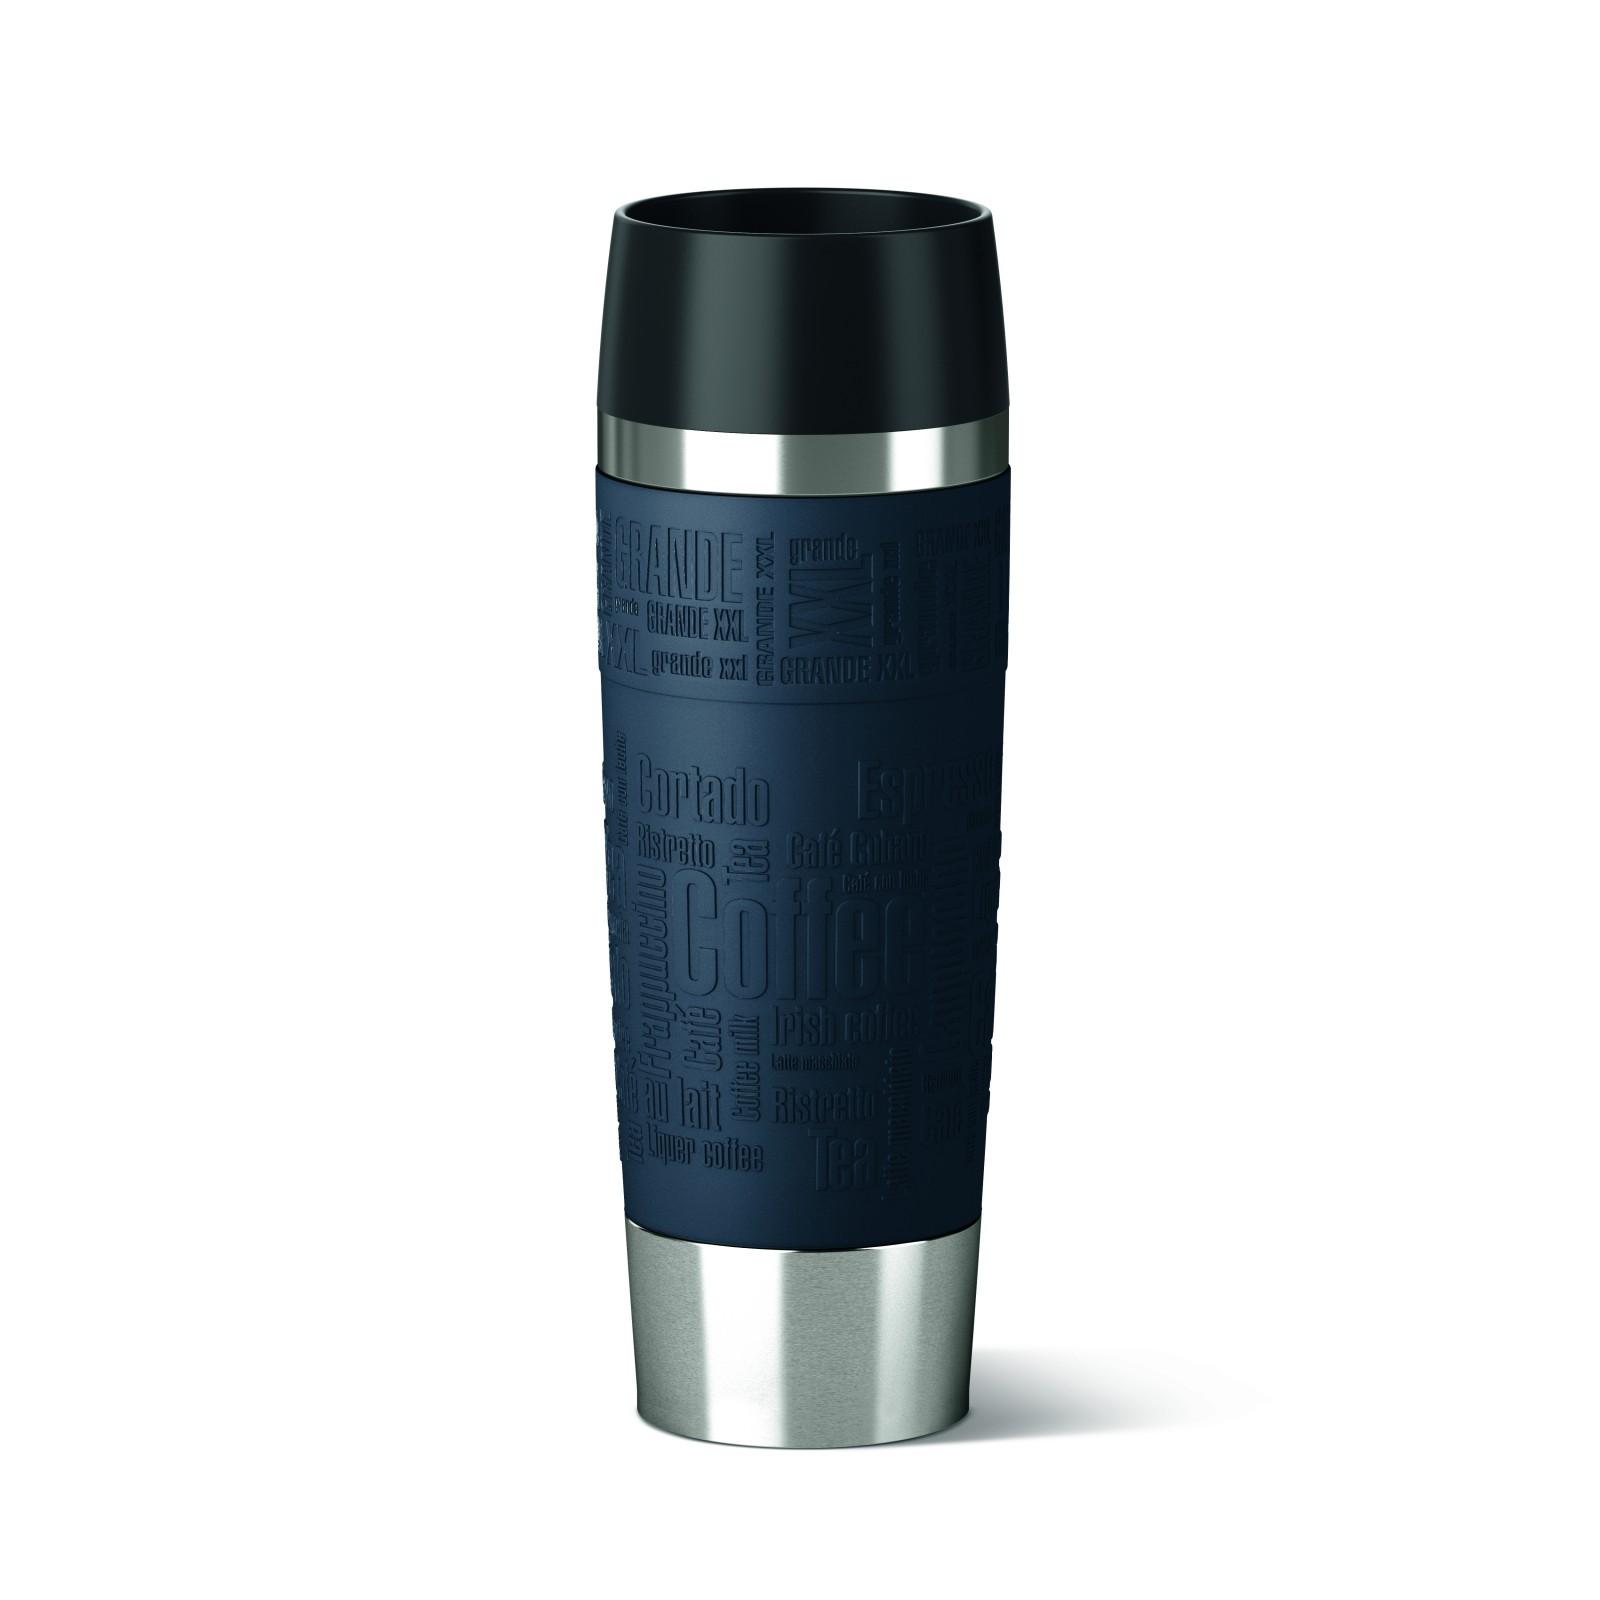 Термокружка TRAVEL MUG GRANDE 0,5л синяяТермокружка изготовлена из высококачественной стали. Она отлично держит температуру вашего напитка в течение длительного времени. Вы сможете взять свой напиток с собой в дорогу и пить его где бы вы не находились.<br>